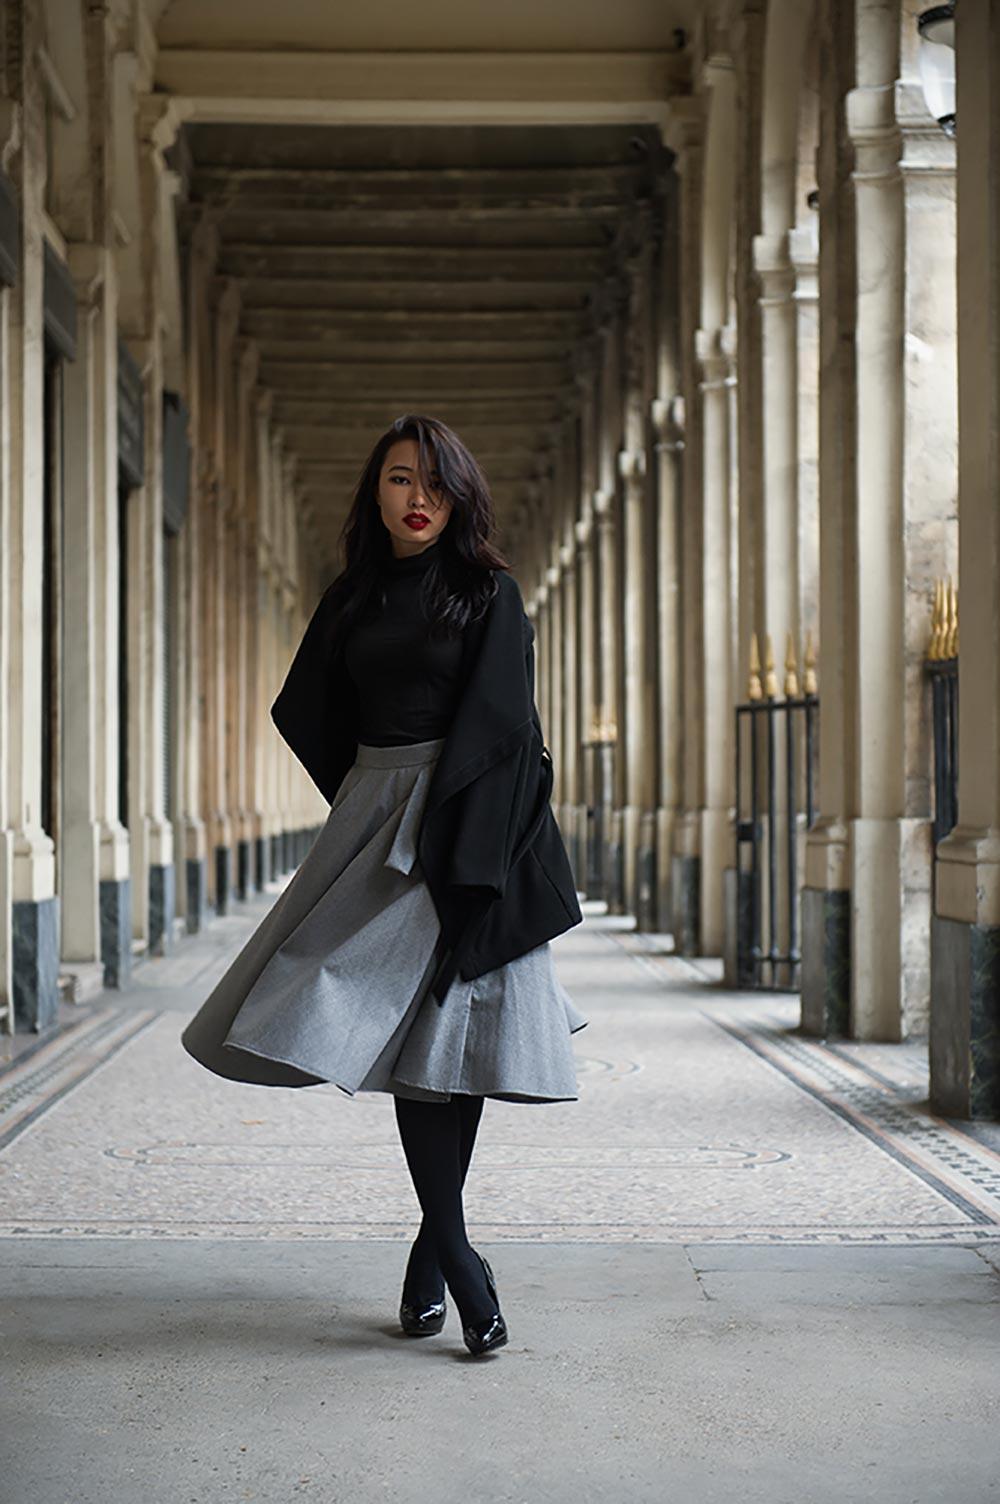 paris, photography, irina hofer, girl, shoot